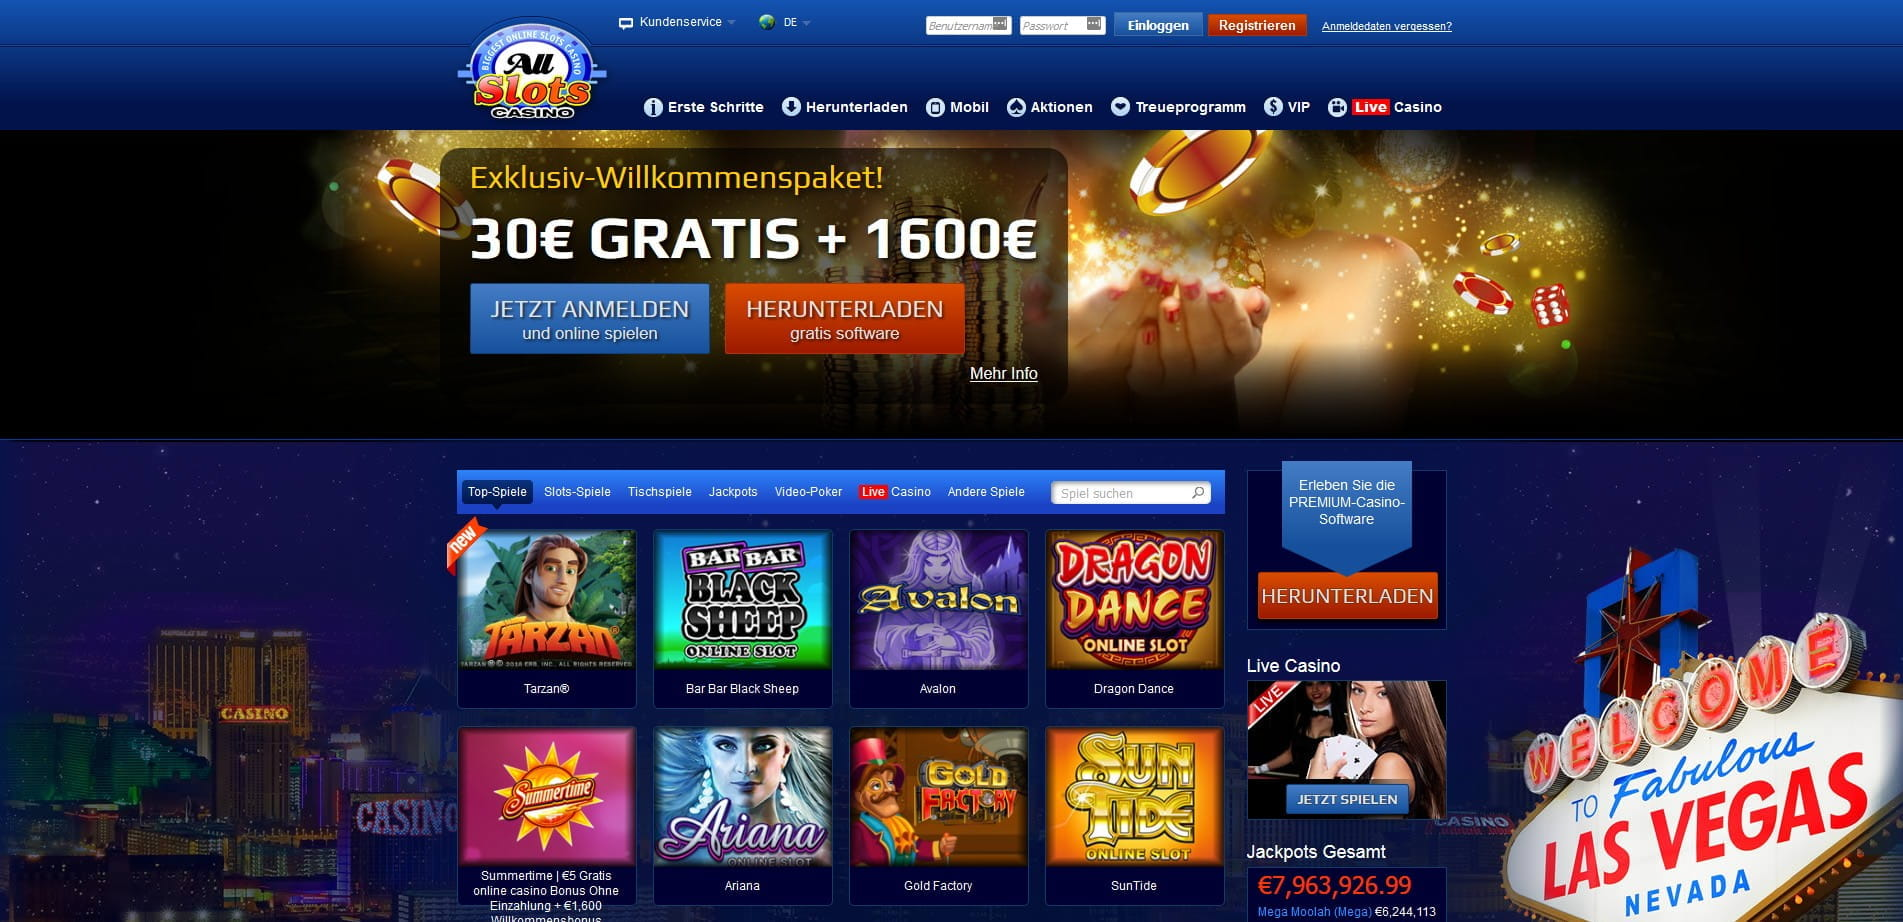 online casino mit willkommensgeschenk